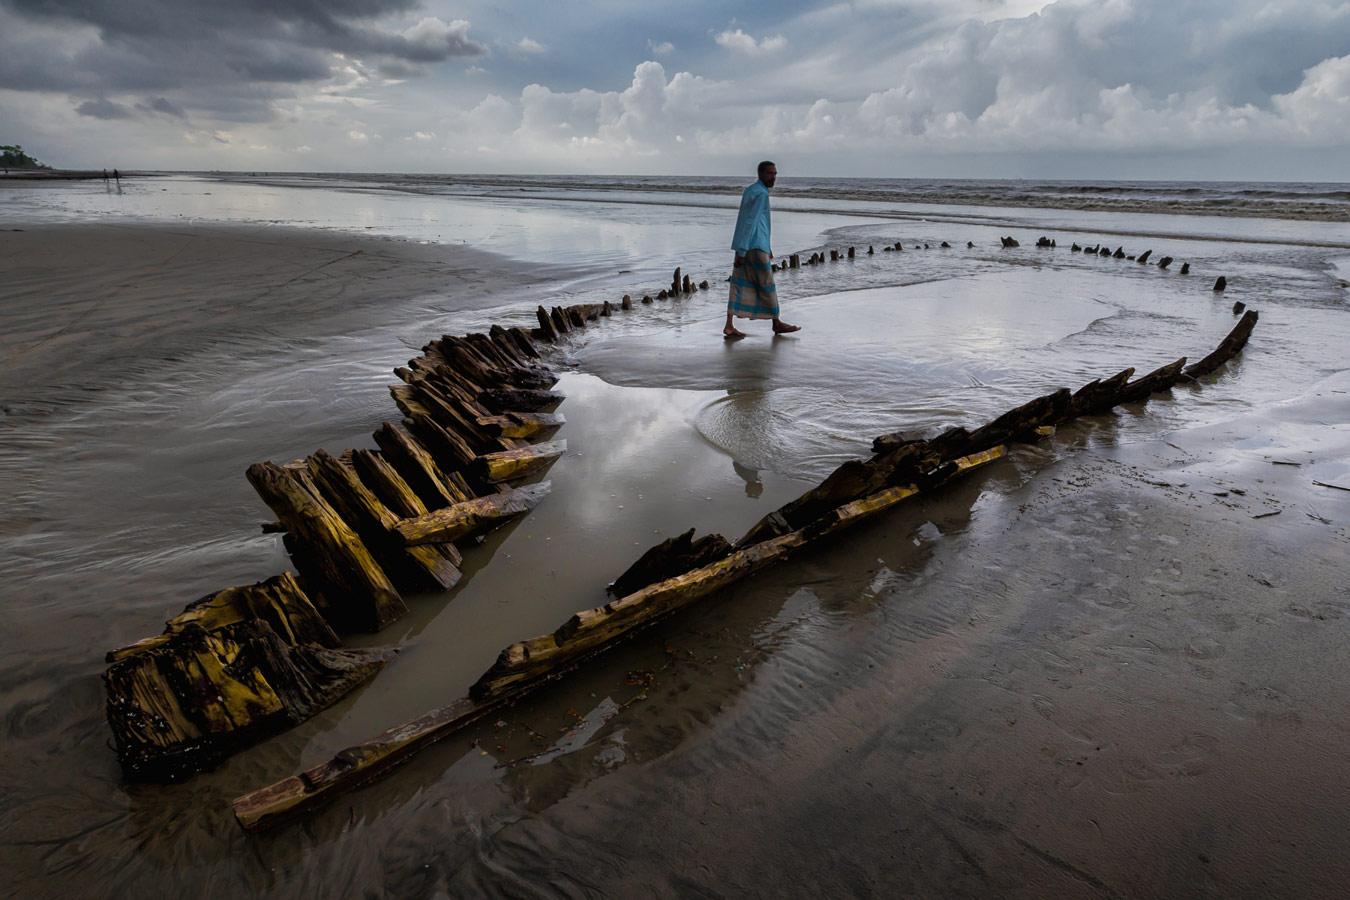 Воспоминающий о традиционной деревянной лодке, © Фердиус Шаббир, Бангладеш, 1-е место, Фотоконкурс «Изменения в культуре дерева» — Change in Wood Culture